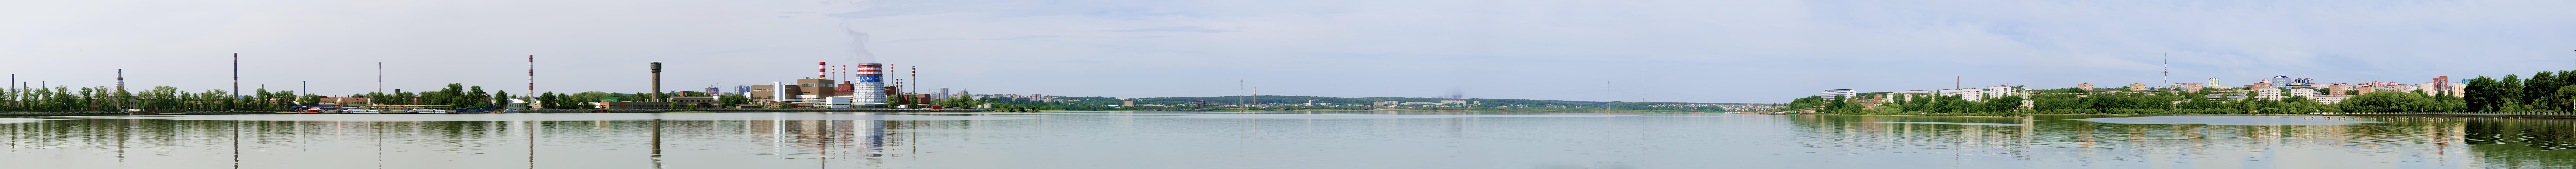 Пруд Ижевск Фото Панорама